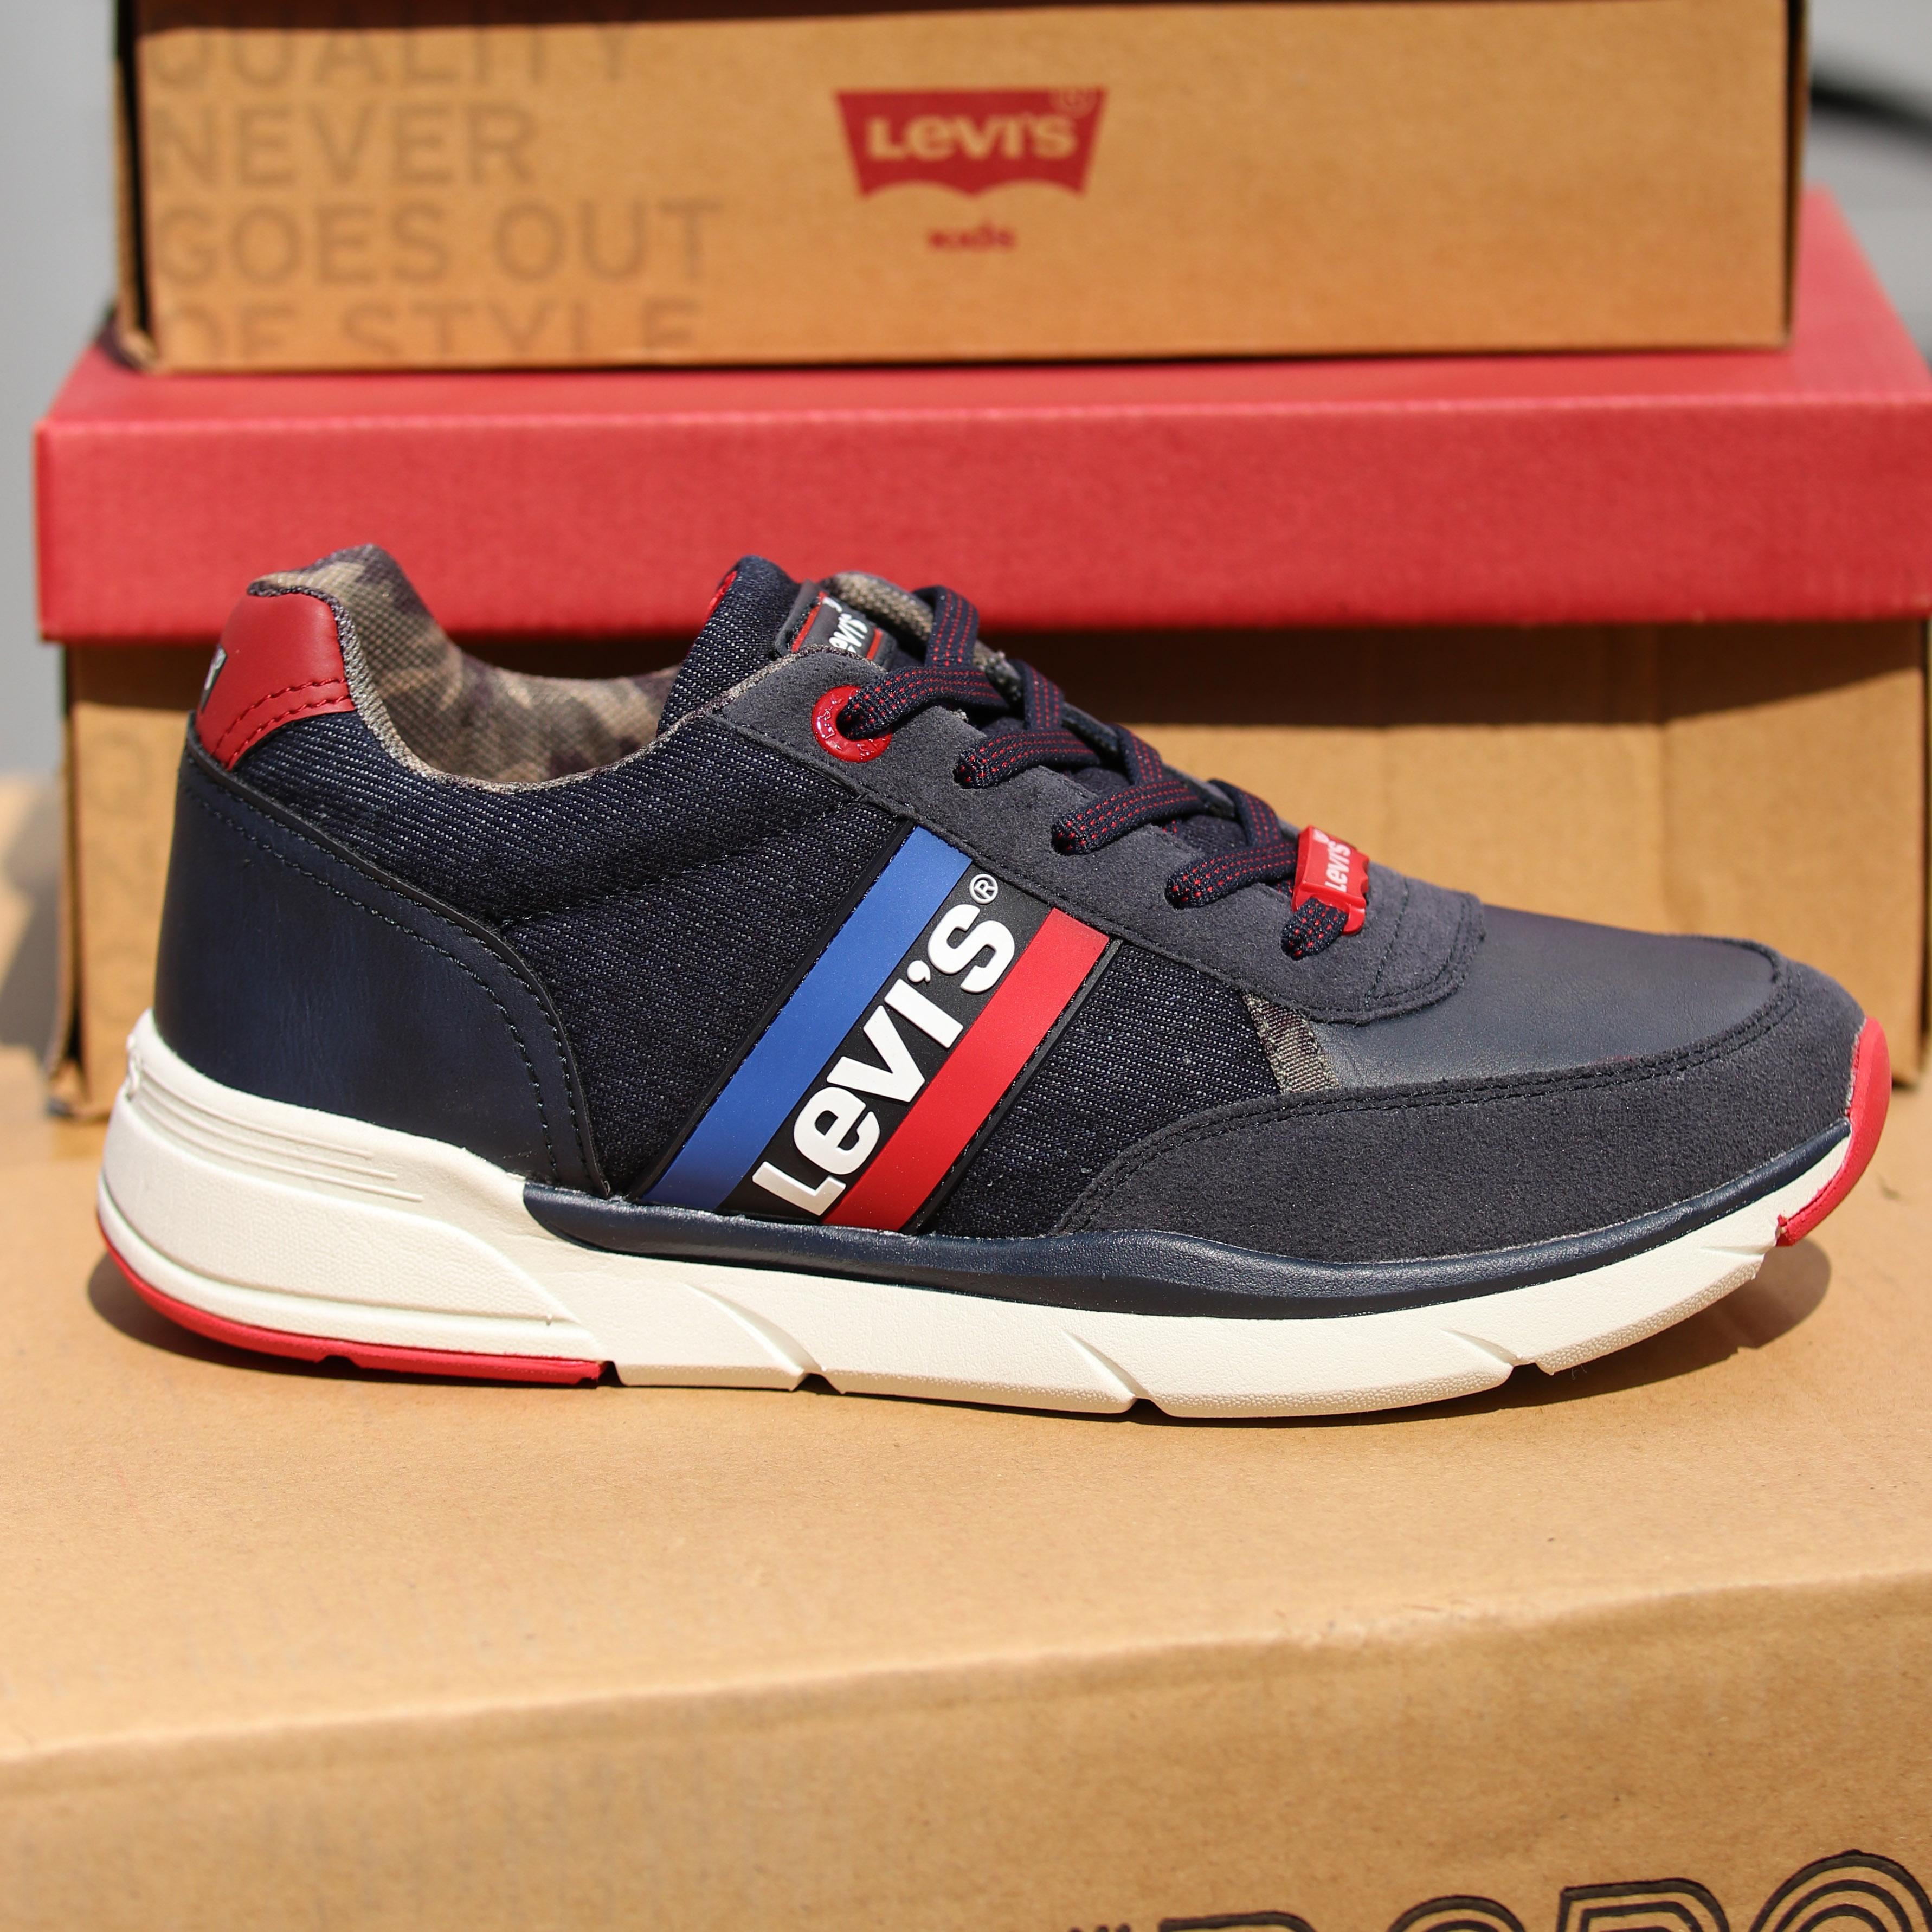 levis new oregon blå sko til barn sommersko4